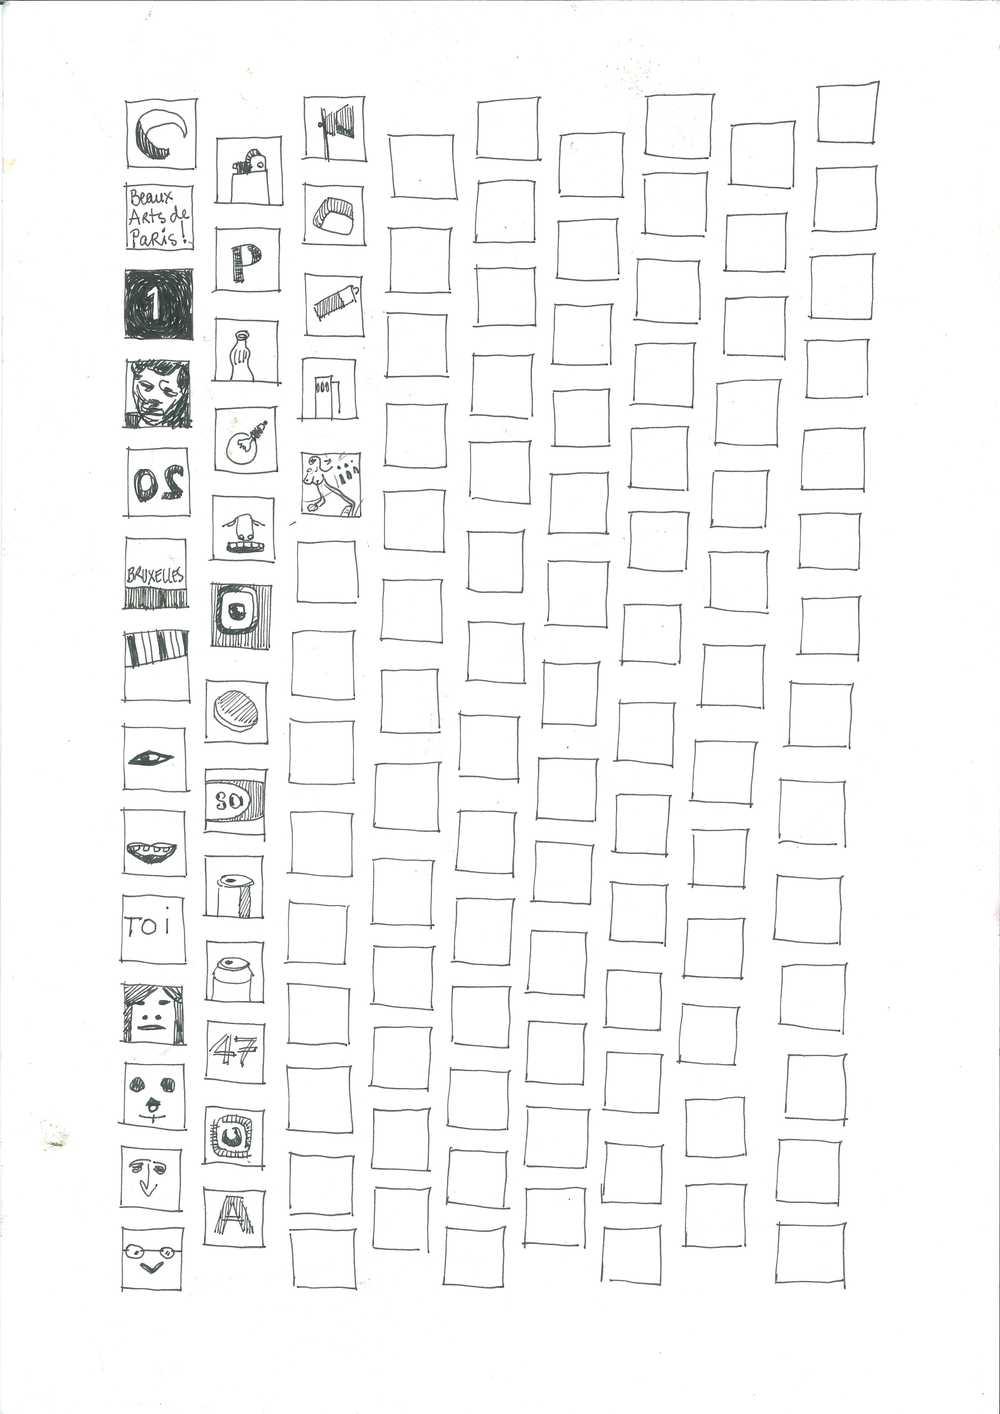 DANESH-Encyclopédie-0421.jpg